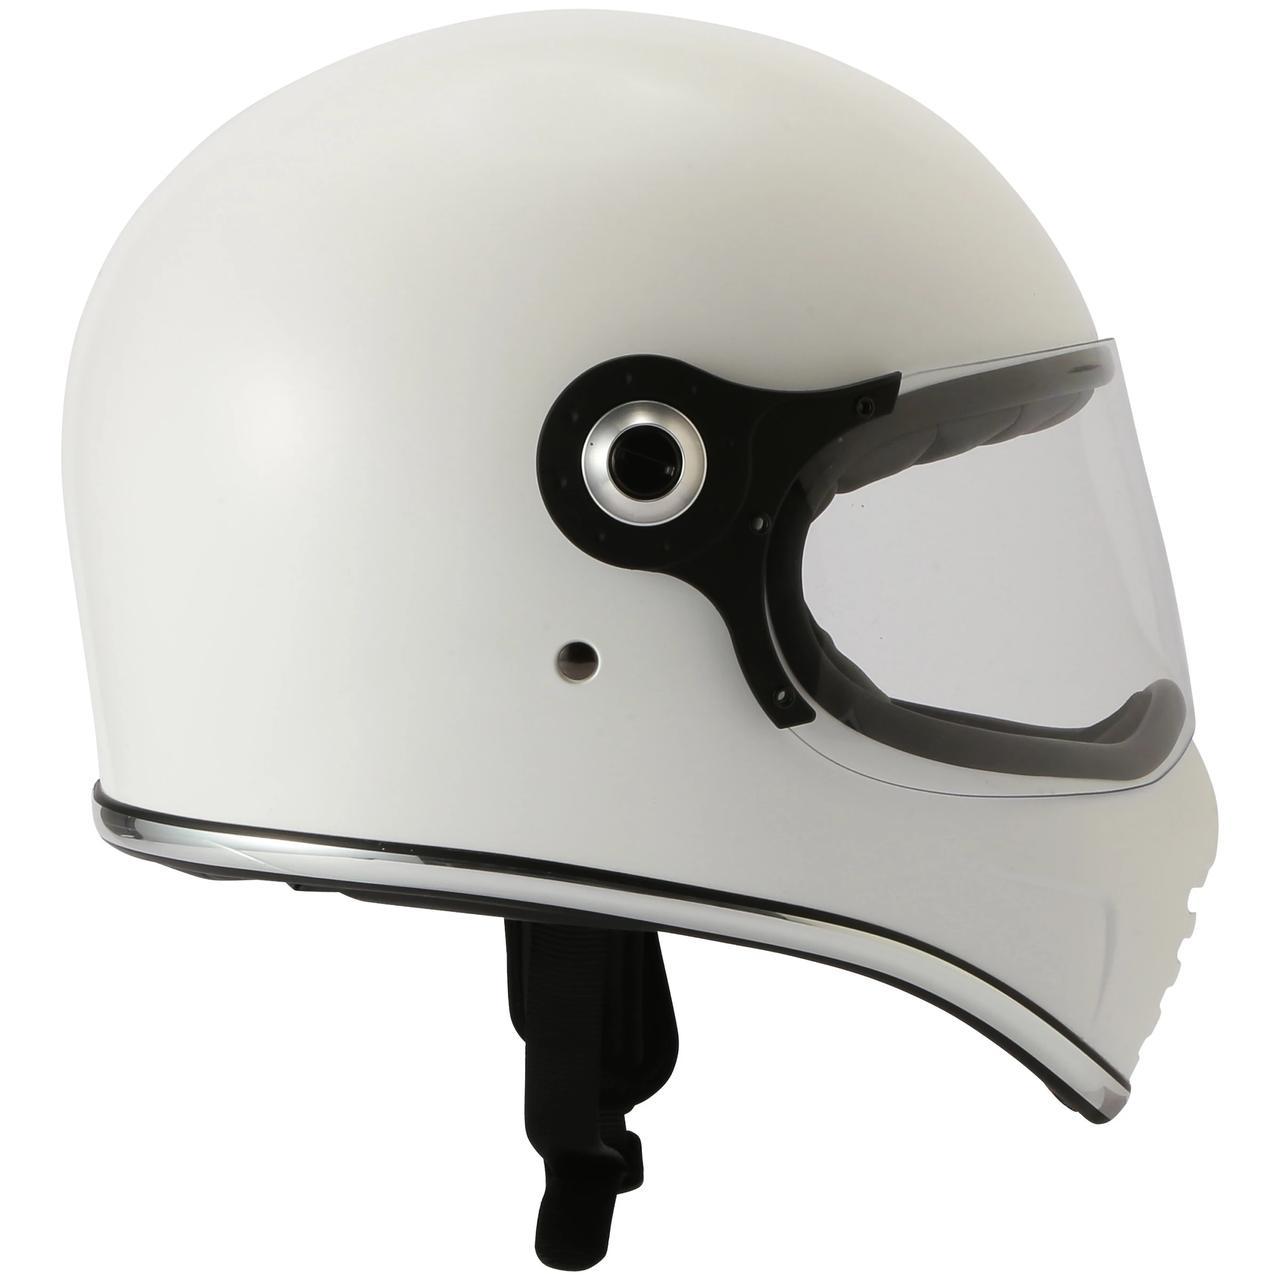 画像9: 【RIDEZ】ネオクラシックヘルメット「XX」(ダブルエックス)が発売開始! 価格も魅力的!